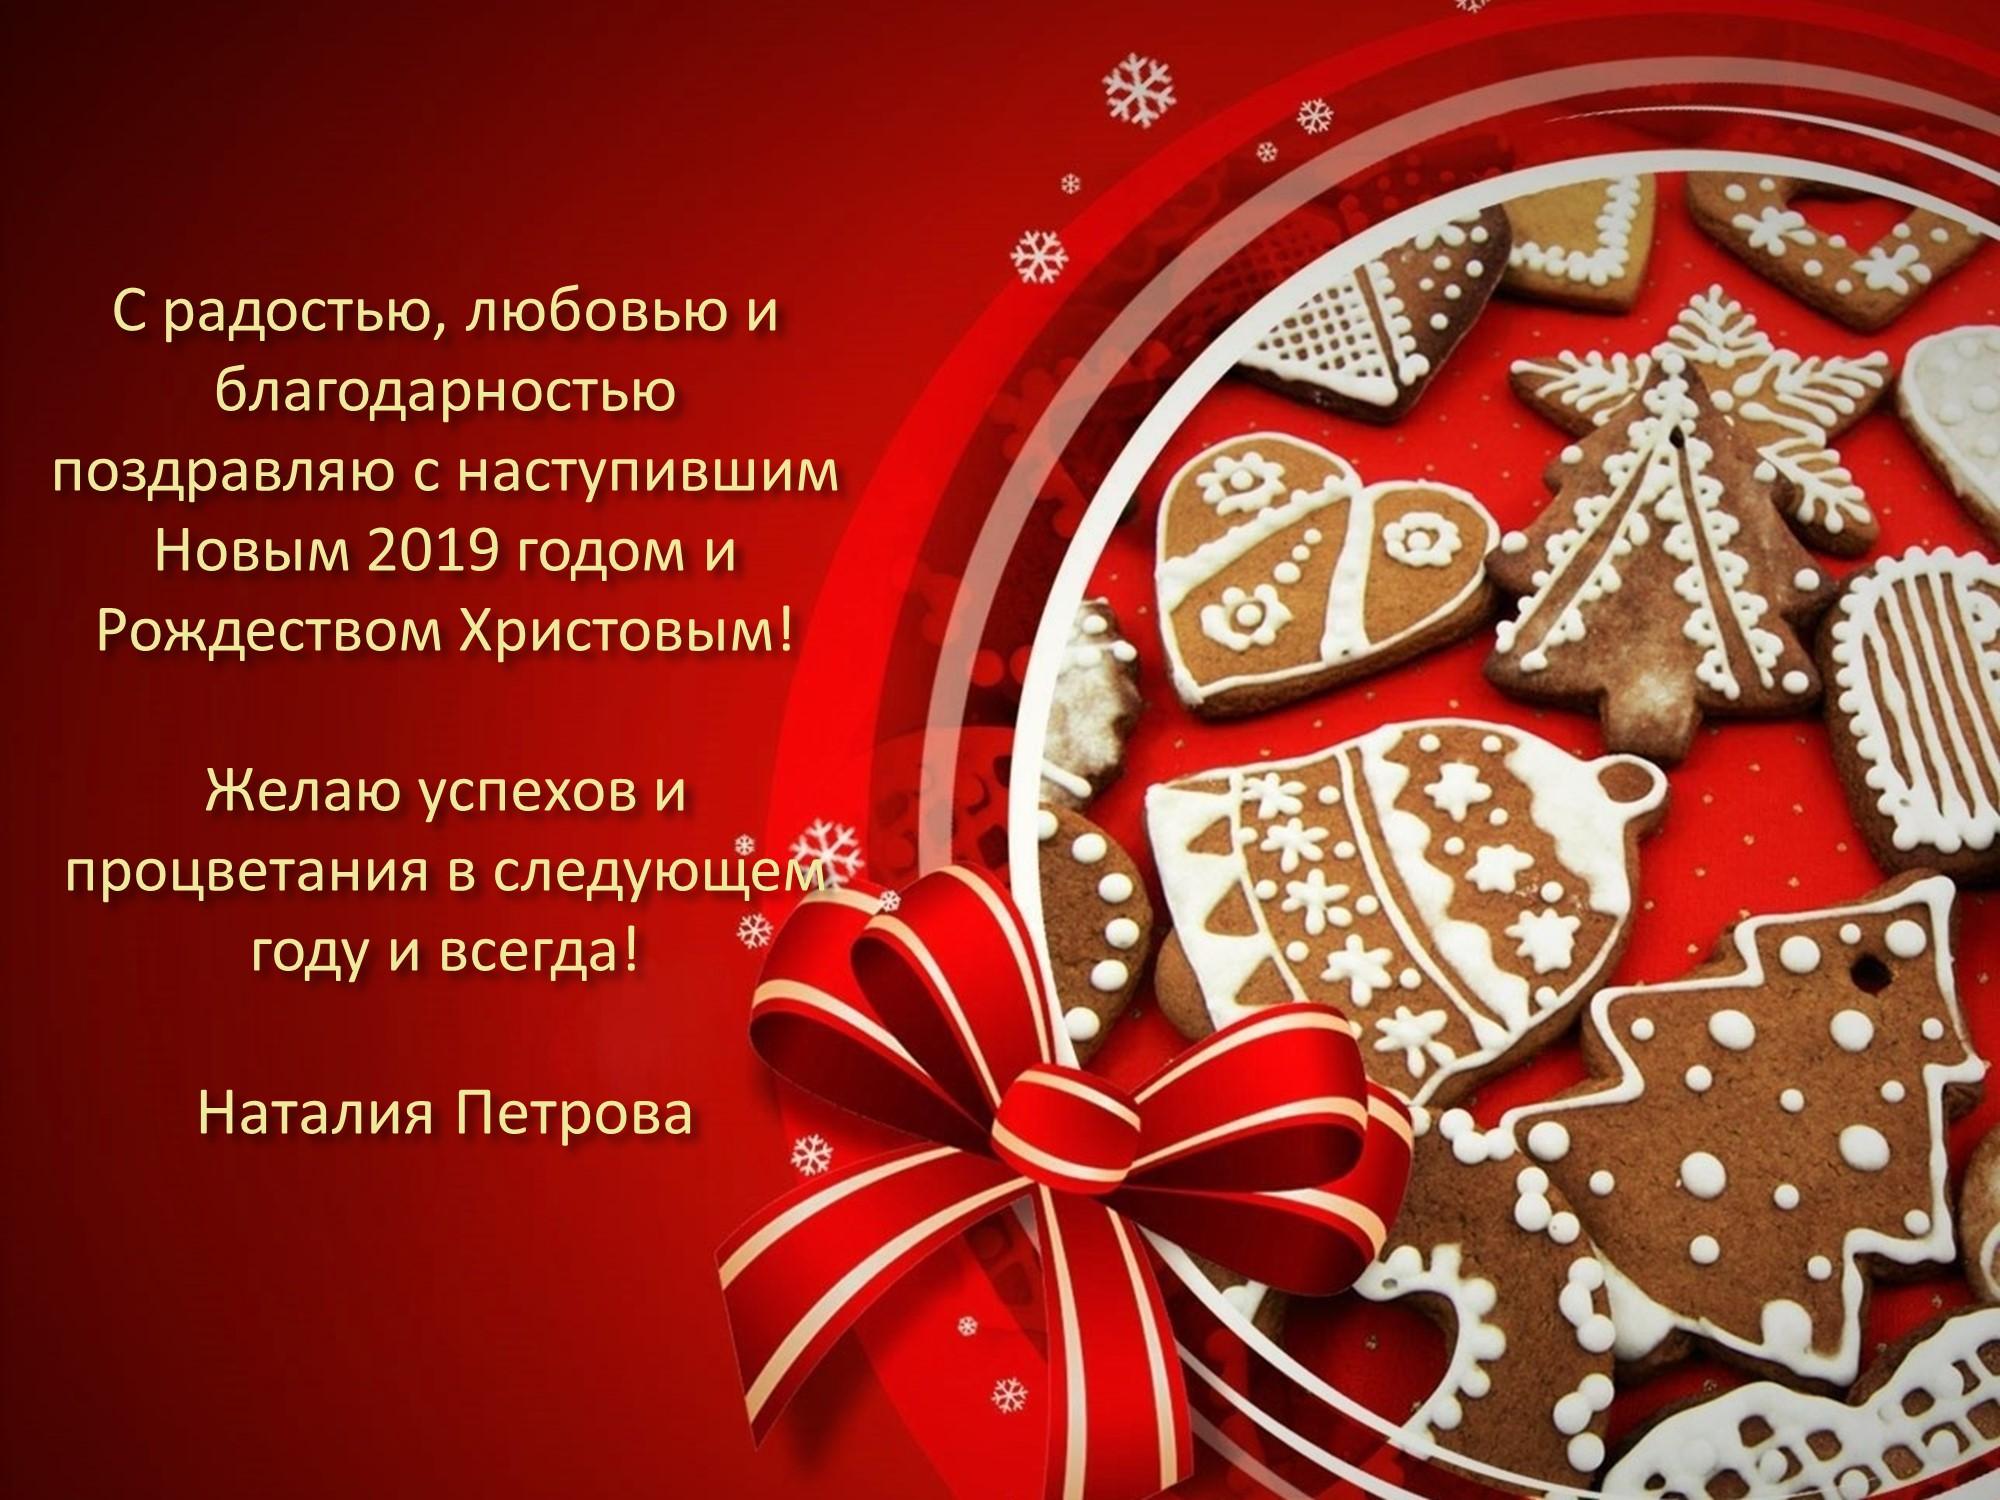 С Новым Годом 2019 Наталия Петрова